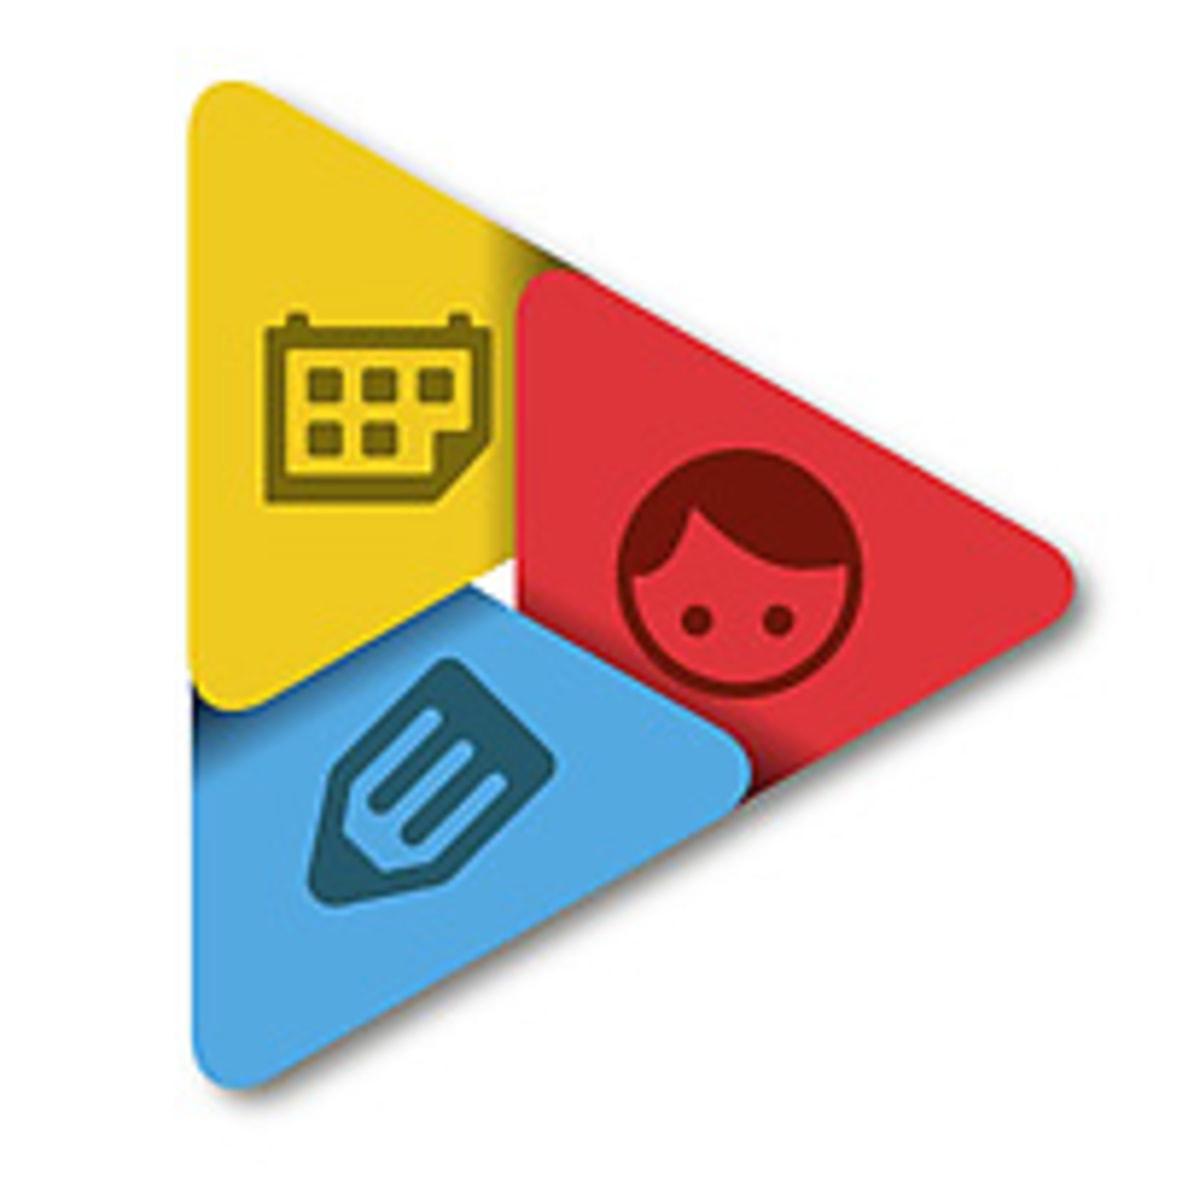 Santillana abre todas sus plataformas educativas gratuitamente